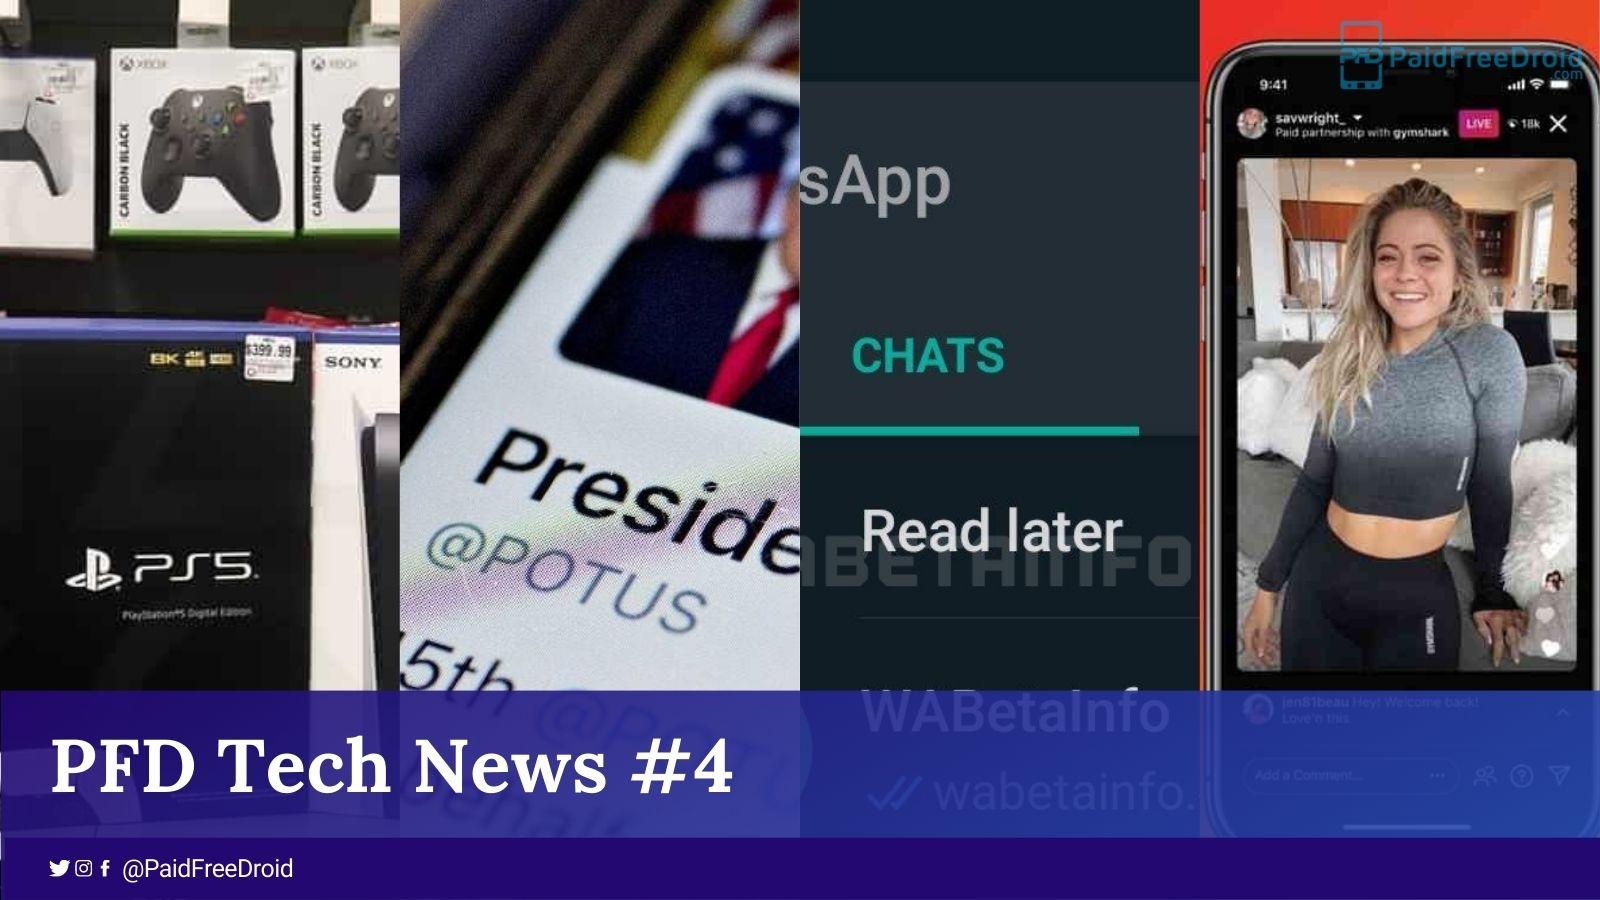 PFD Tech News 4